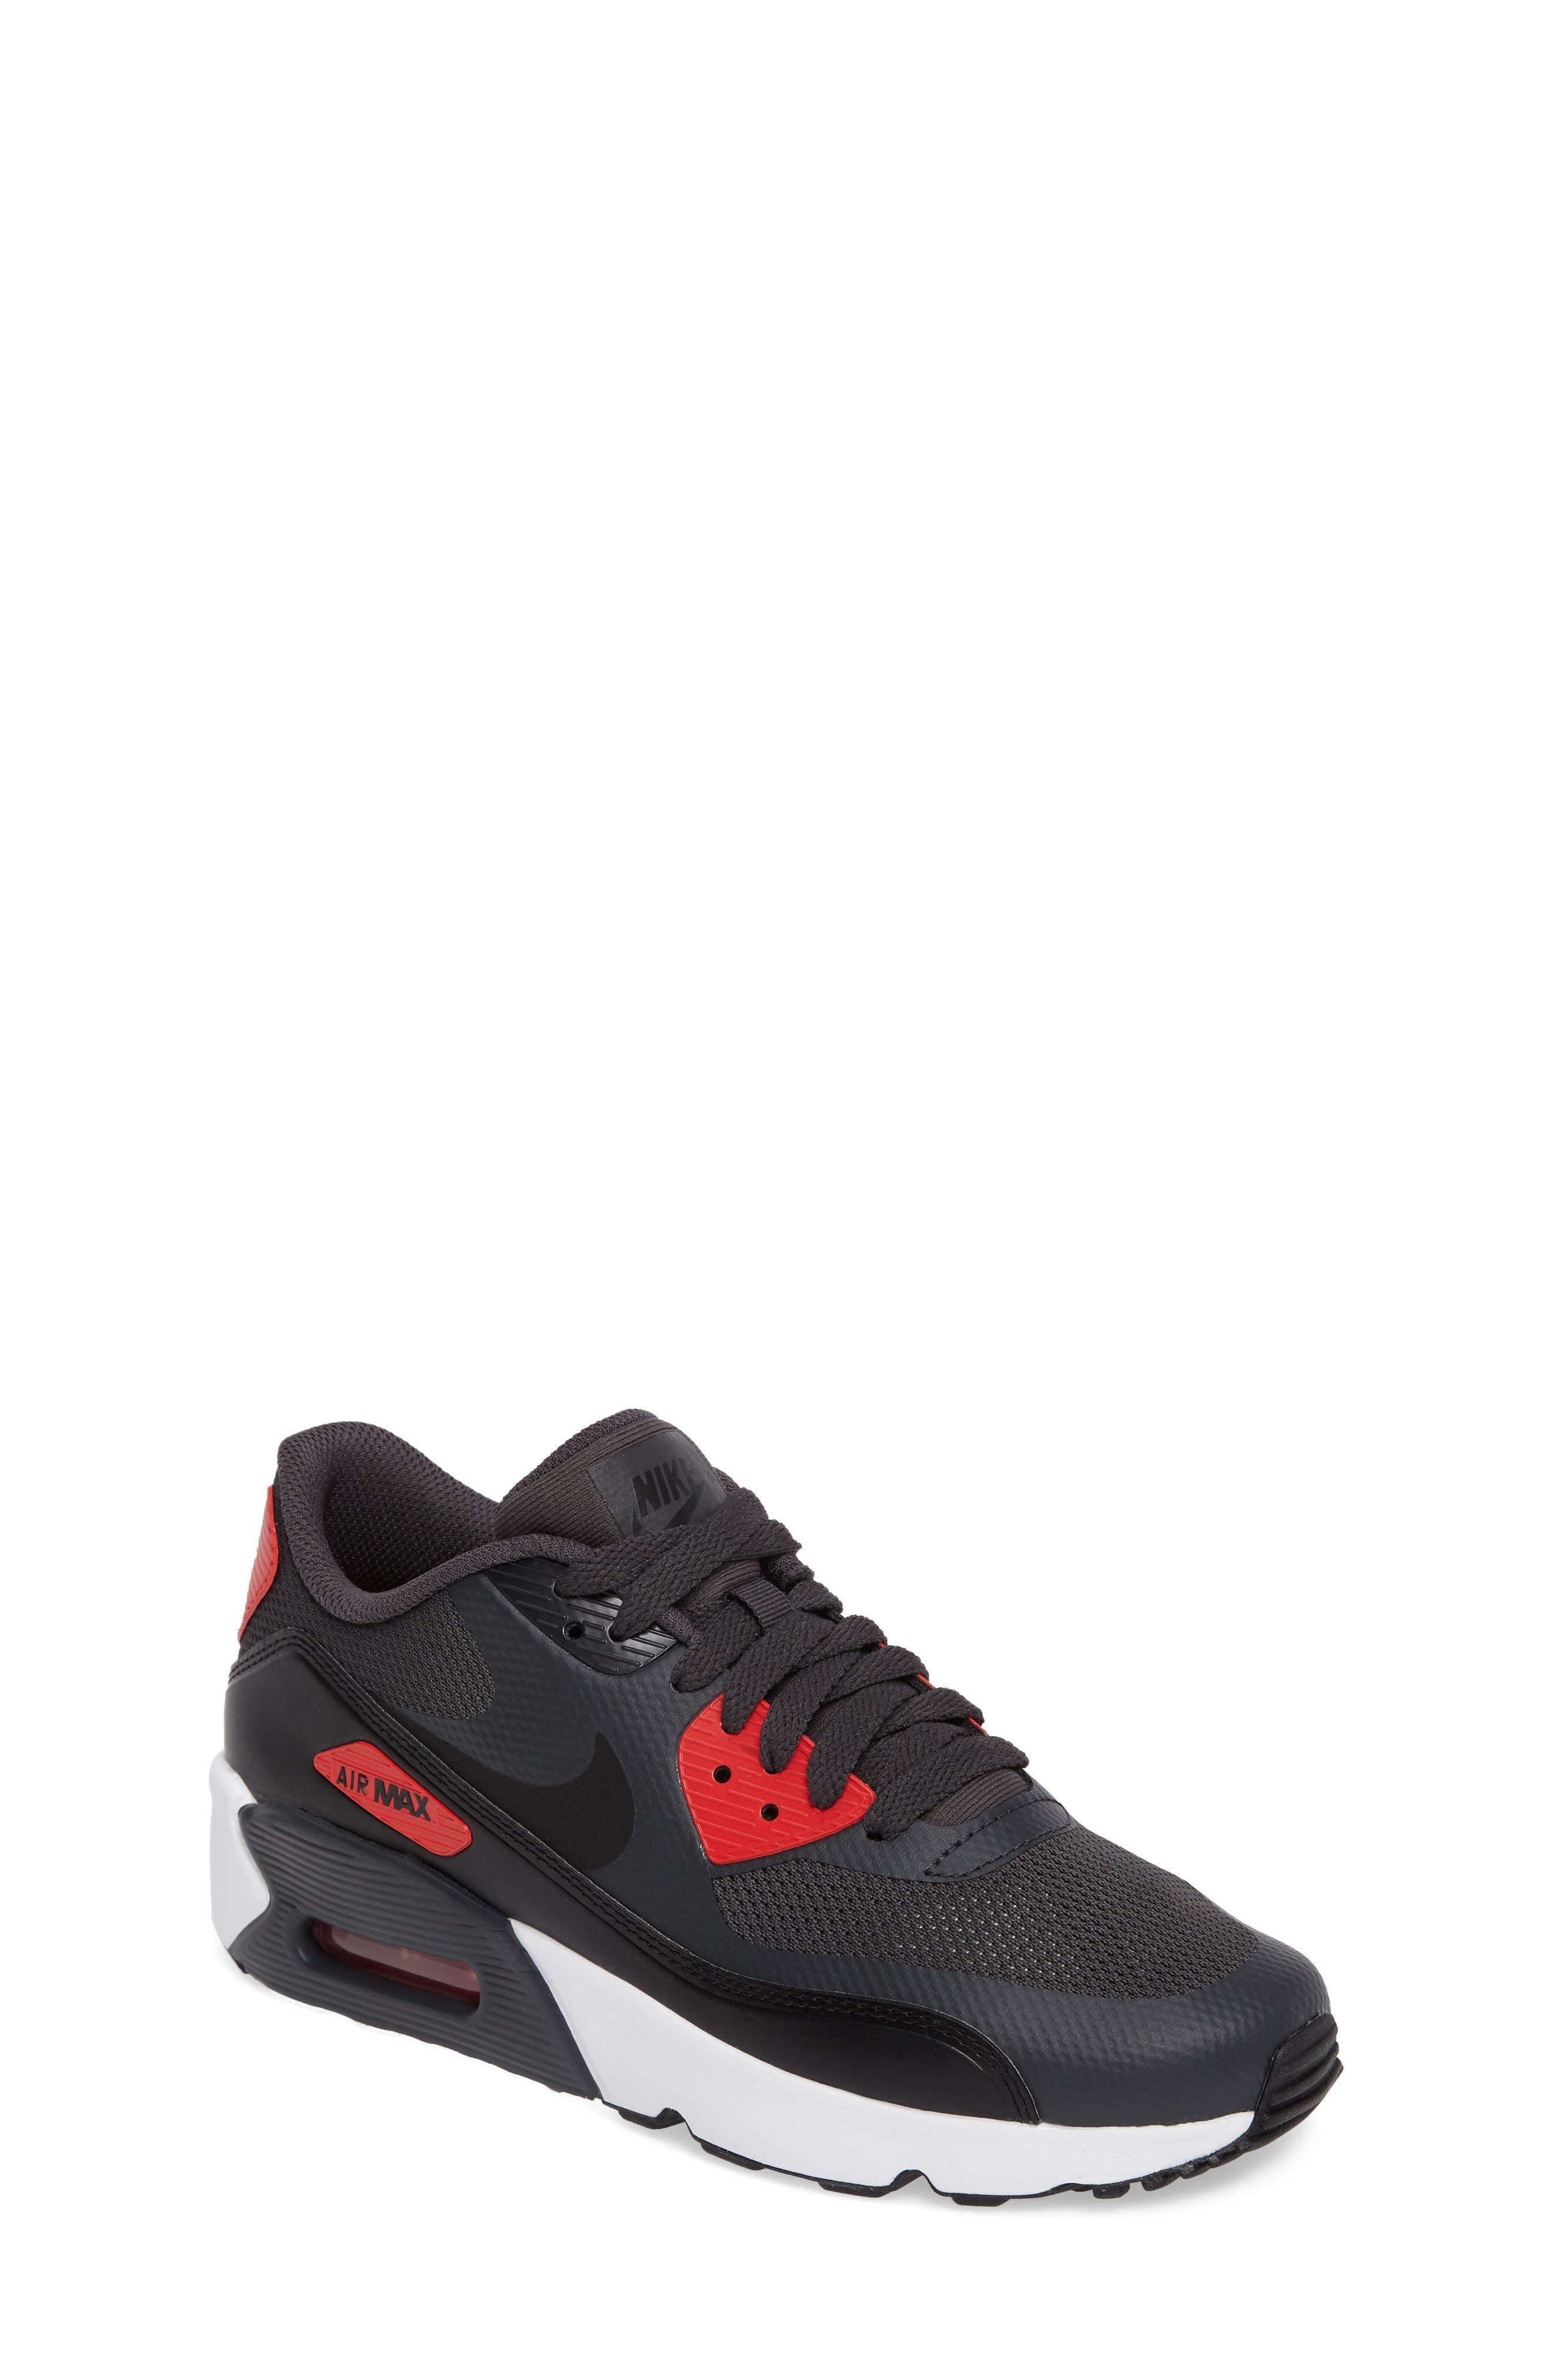 Main Image - Nike Air Max 90 Ultra 2.0 GS Sneaker (Big Kid)